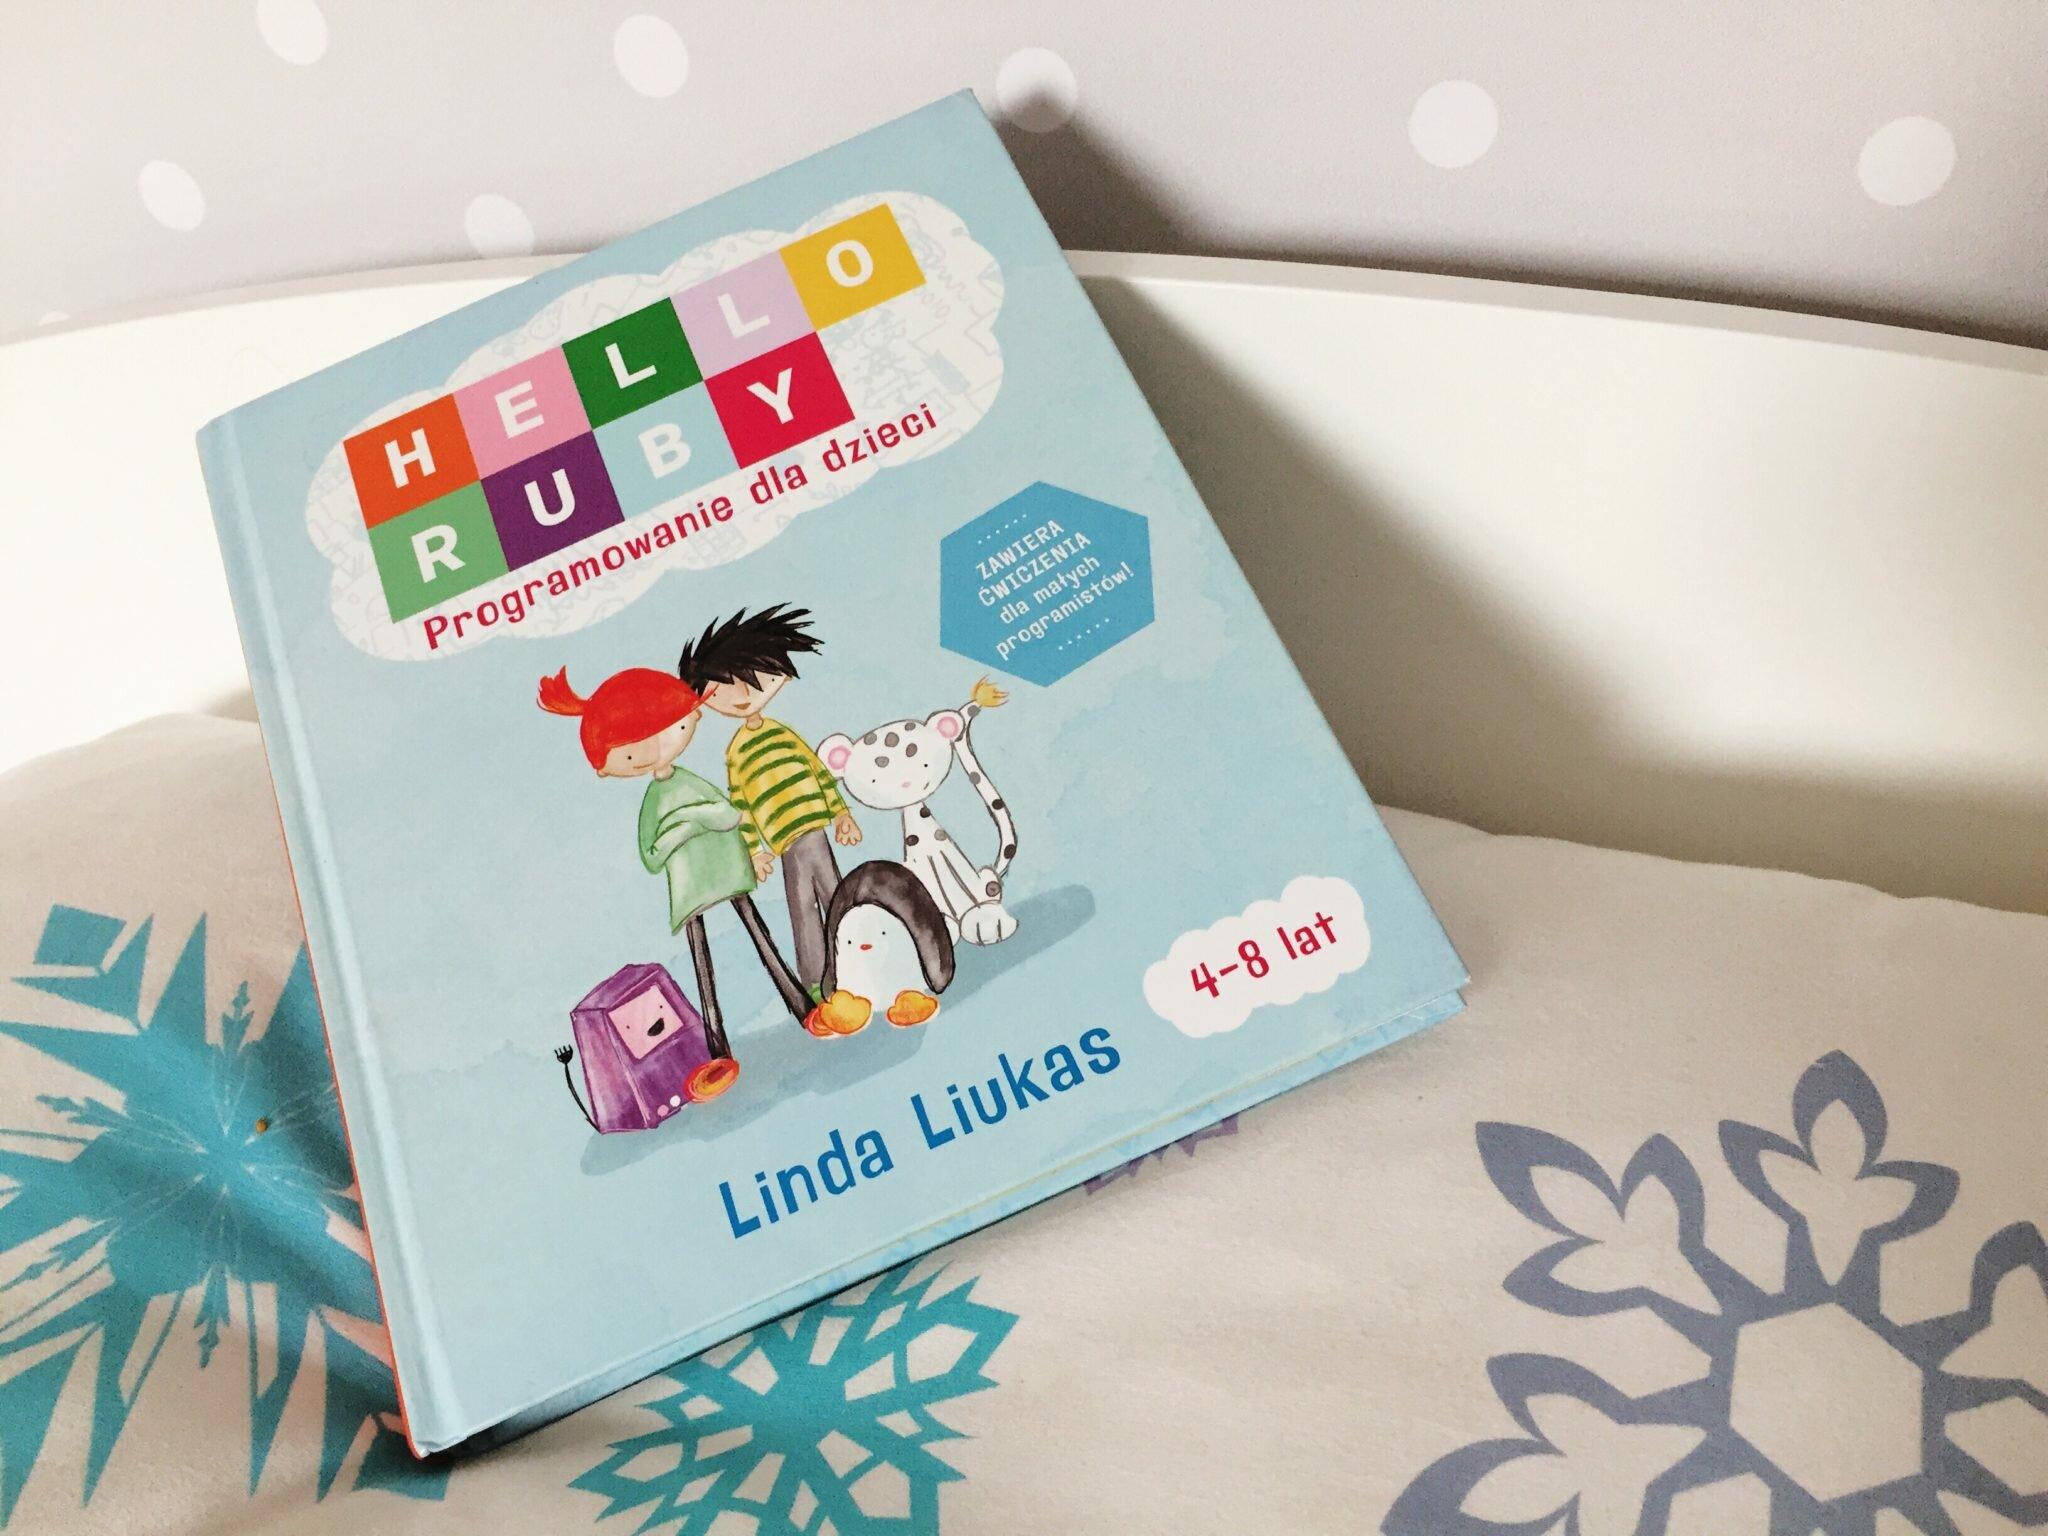 zdjęcie książki Hello Ruby Książka o programowaniu dla dzieci Matka w kratkę